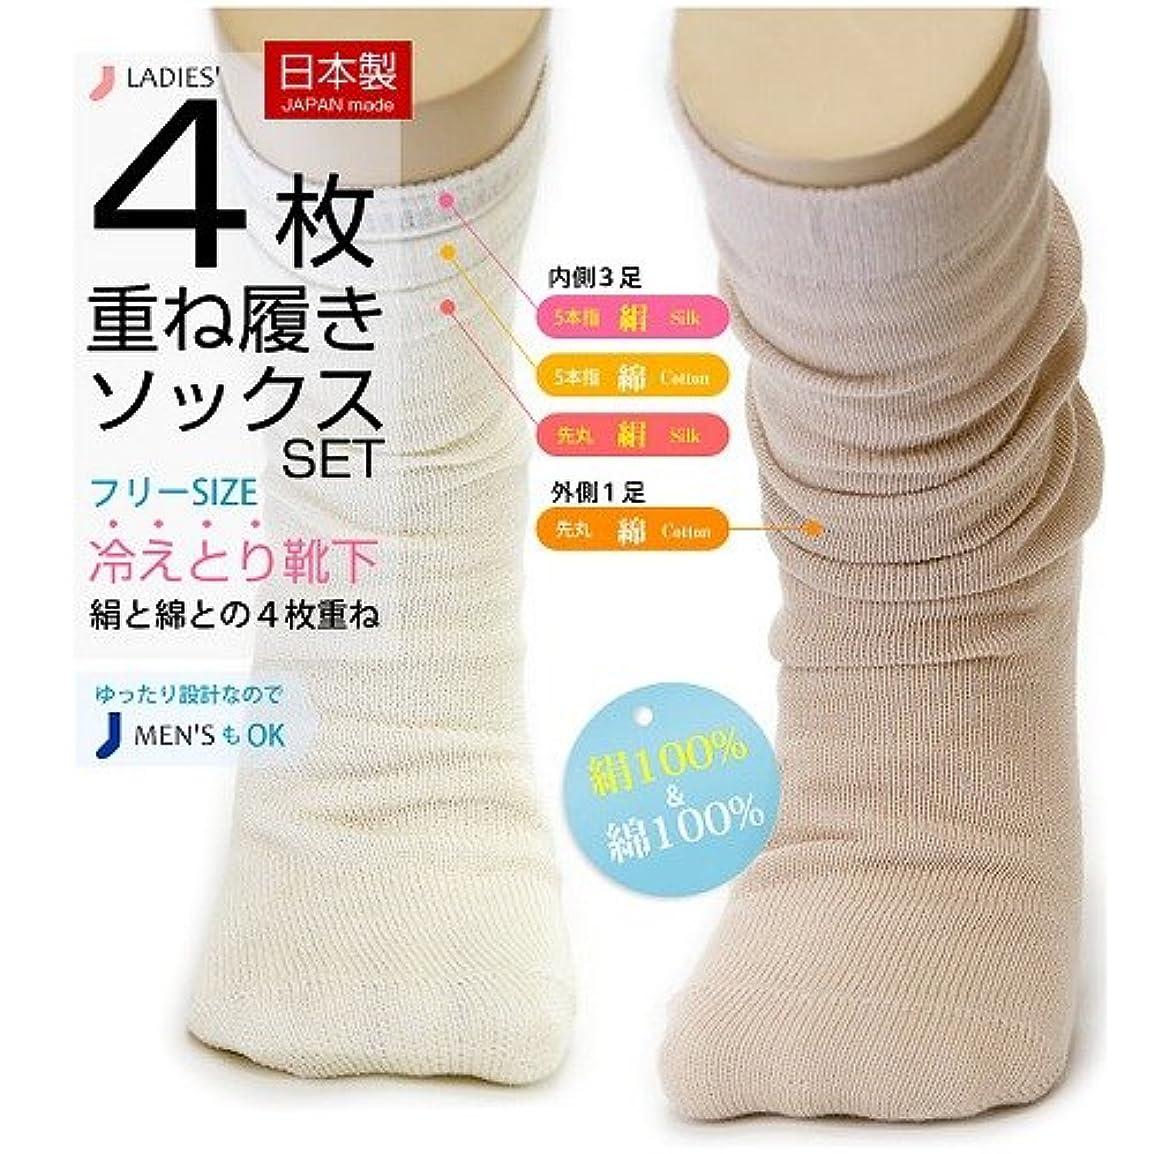 モバイル韓国エクステント冷え取り靴下 綿100%とシルク100% 最高級の日本製 4枚重ねばきセット(外側ライトグレー)